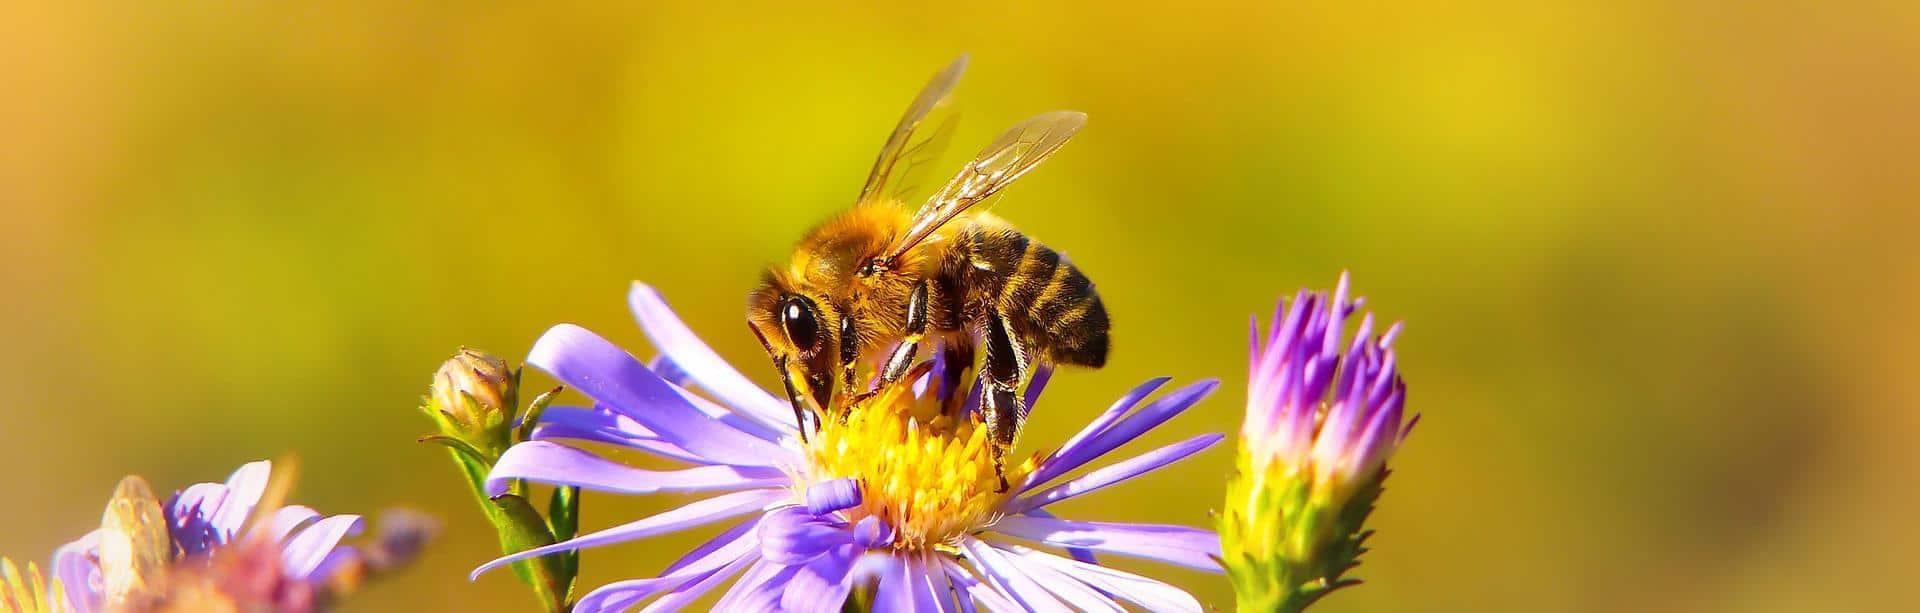 Bienenpatenschaft IT Bienen